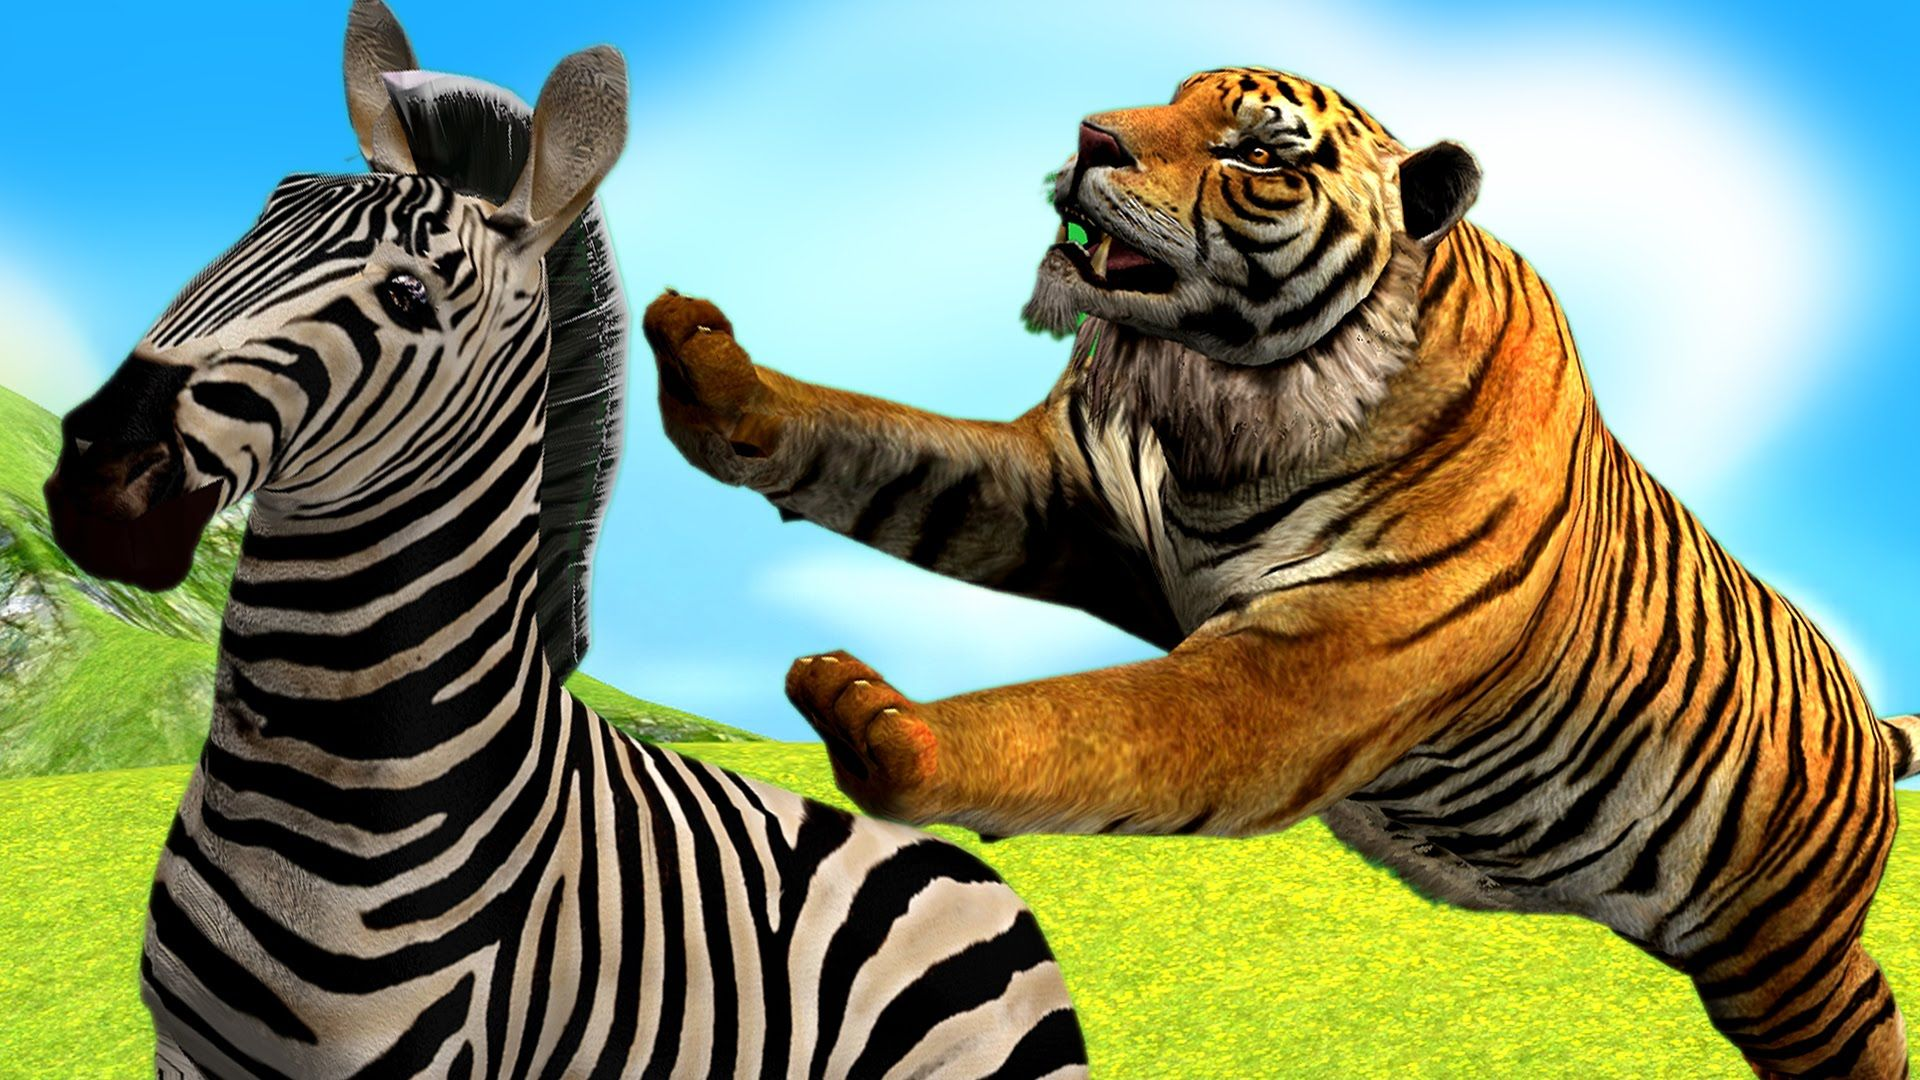 Tiger Hunting Zebra Wild Animal Fights Tiger Vs Zebra